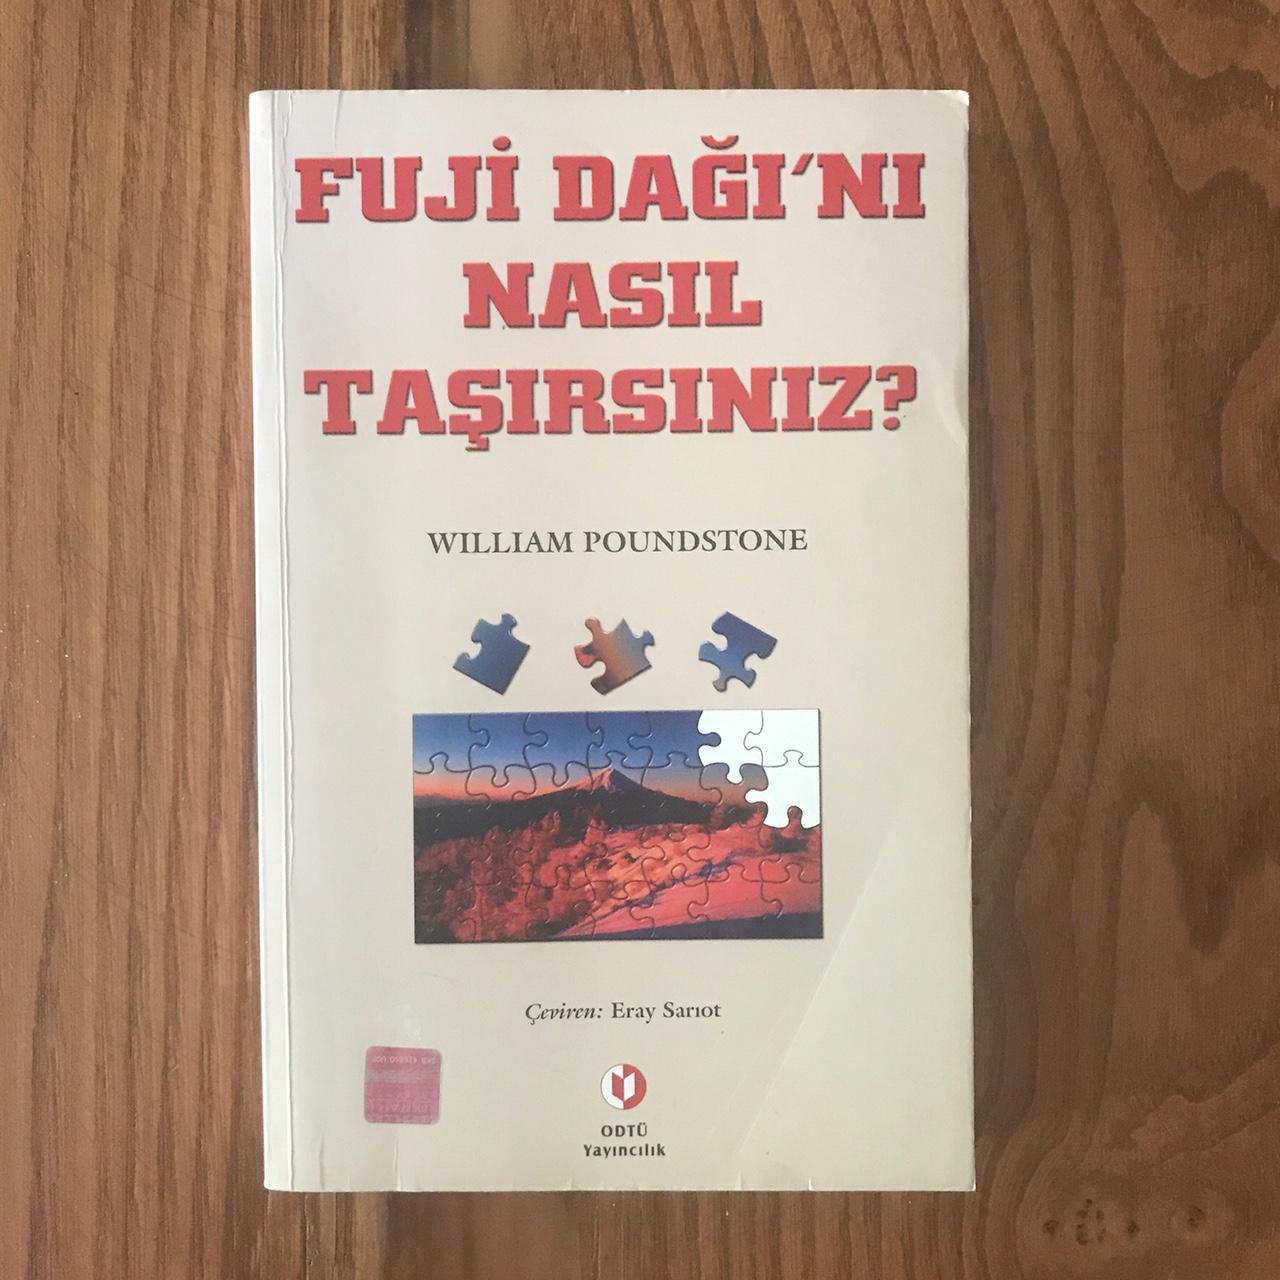 Fuji Dagi'ni Nasil Tasirsiniz